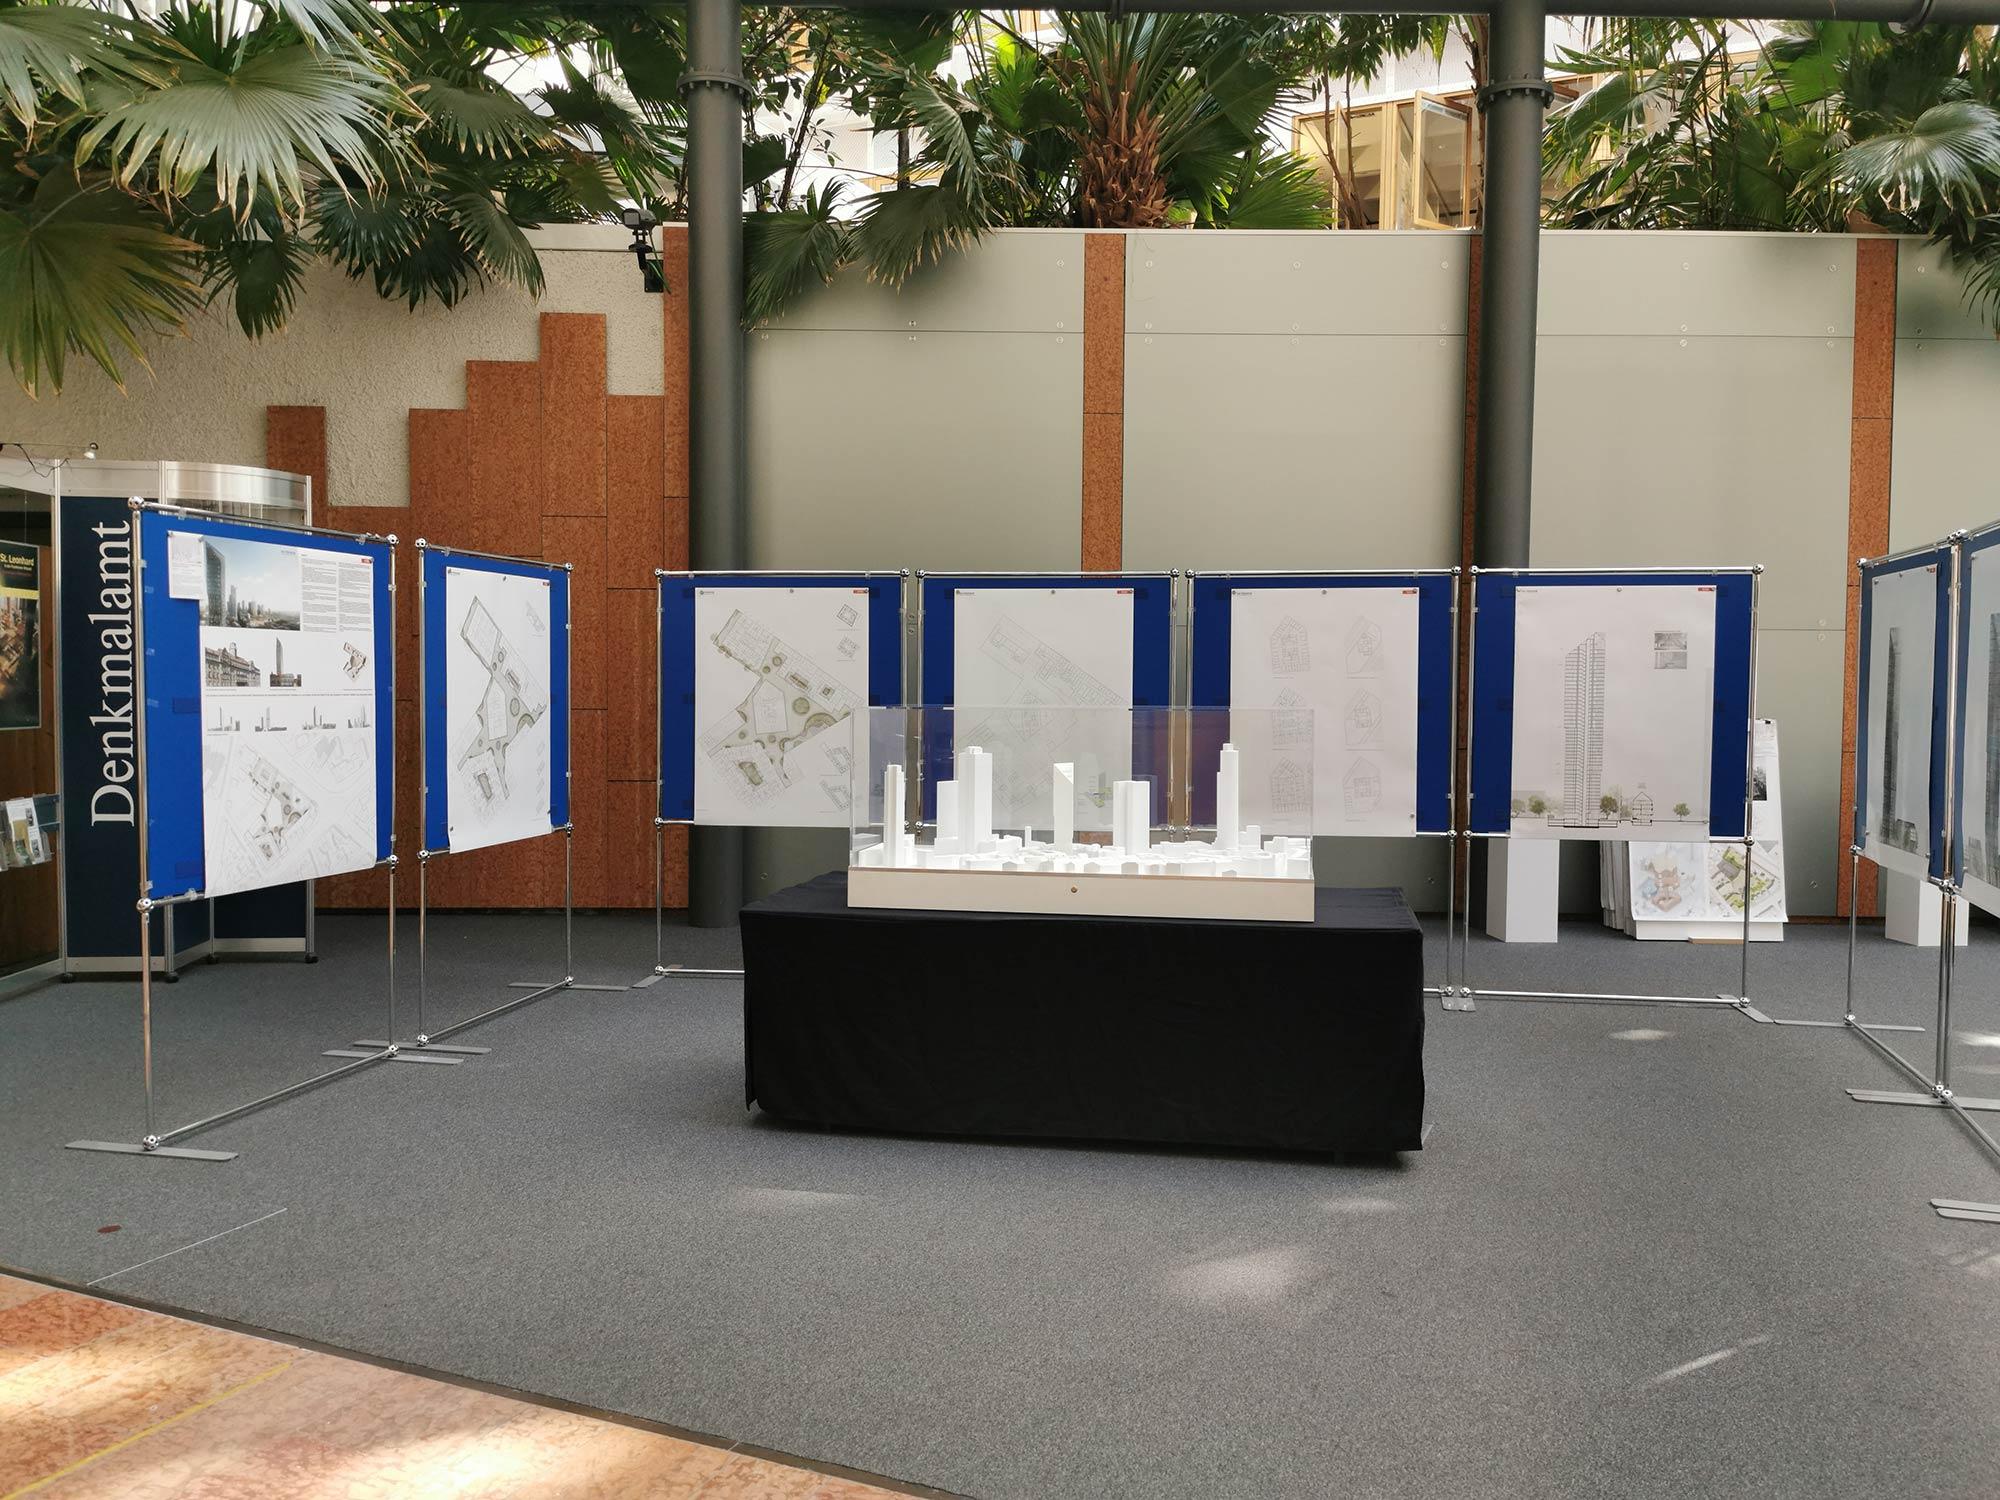 Atrium Stadtplanungsamt - Ausstellung der Ergebnisse des Architekturwettbewerbs zum Projekt Das Präsidium - Foyer Planungsdezernat